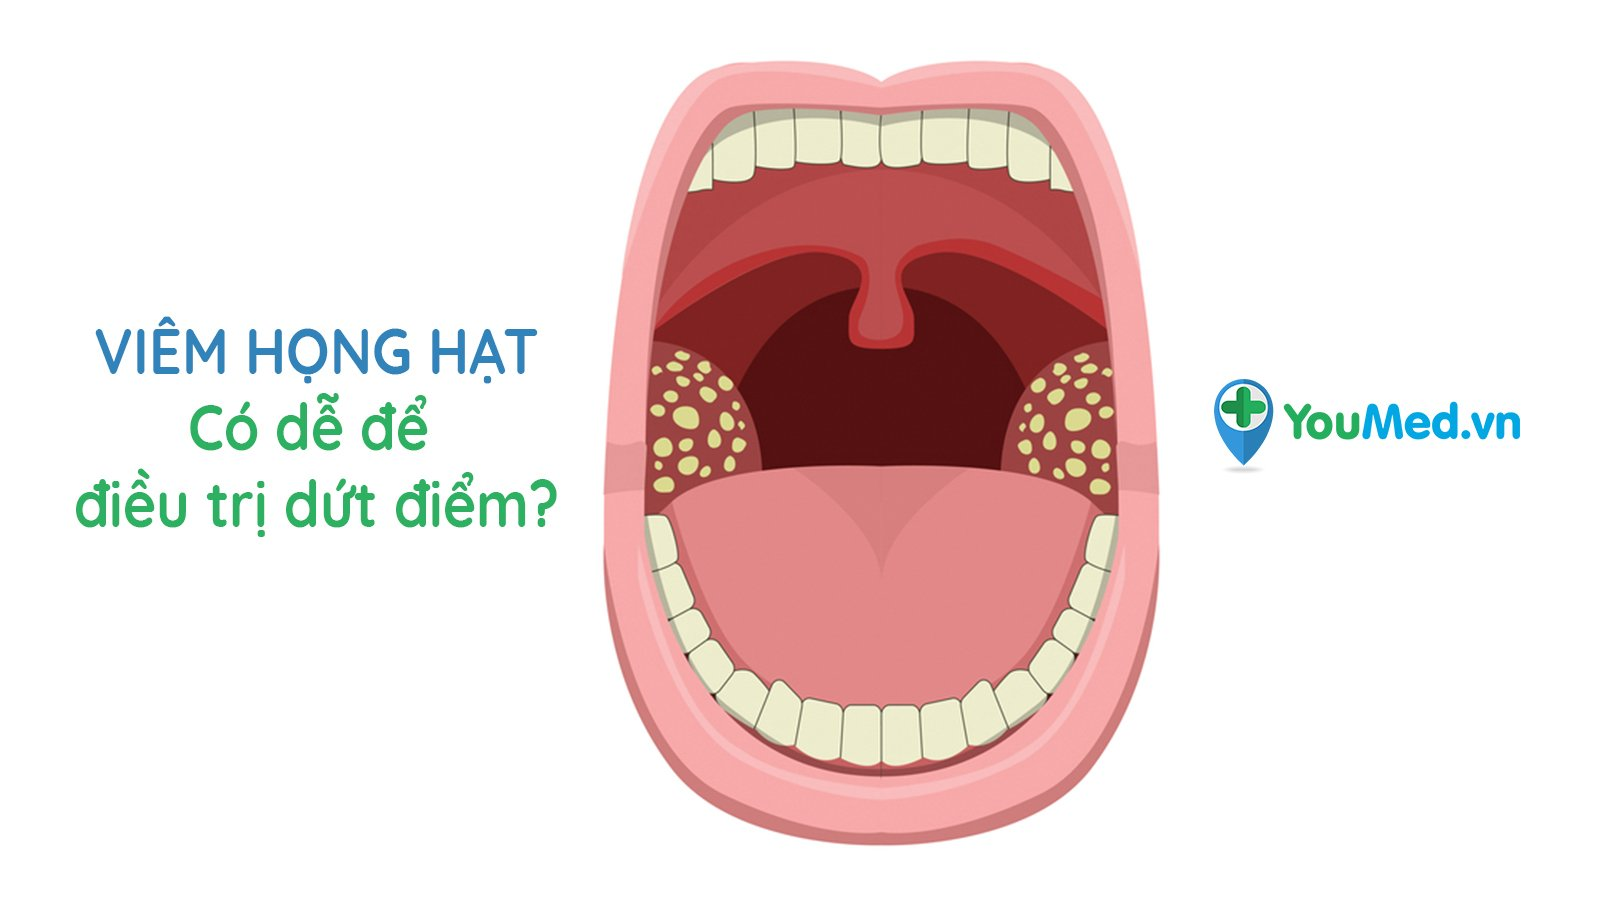 Viêm họng hạt là gì? Có dễ điều trị dứt điểm?